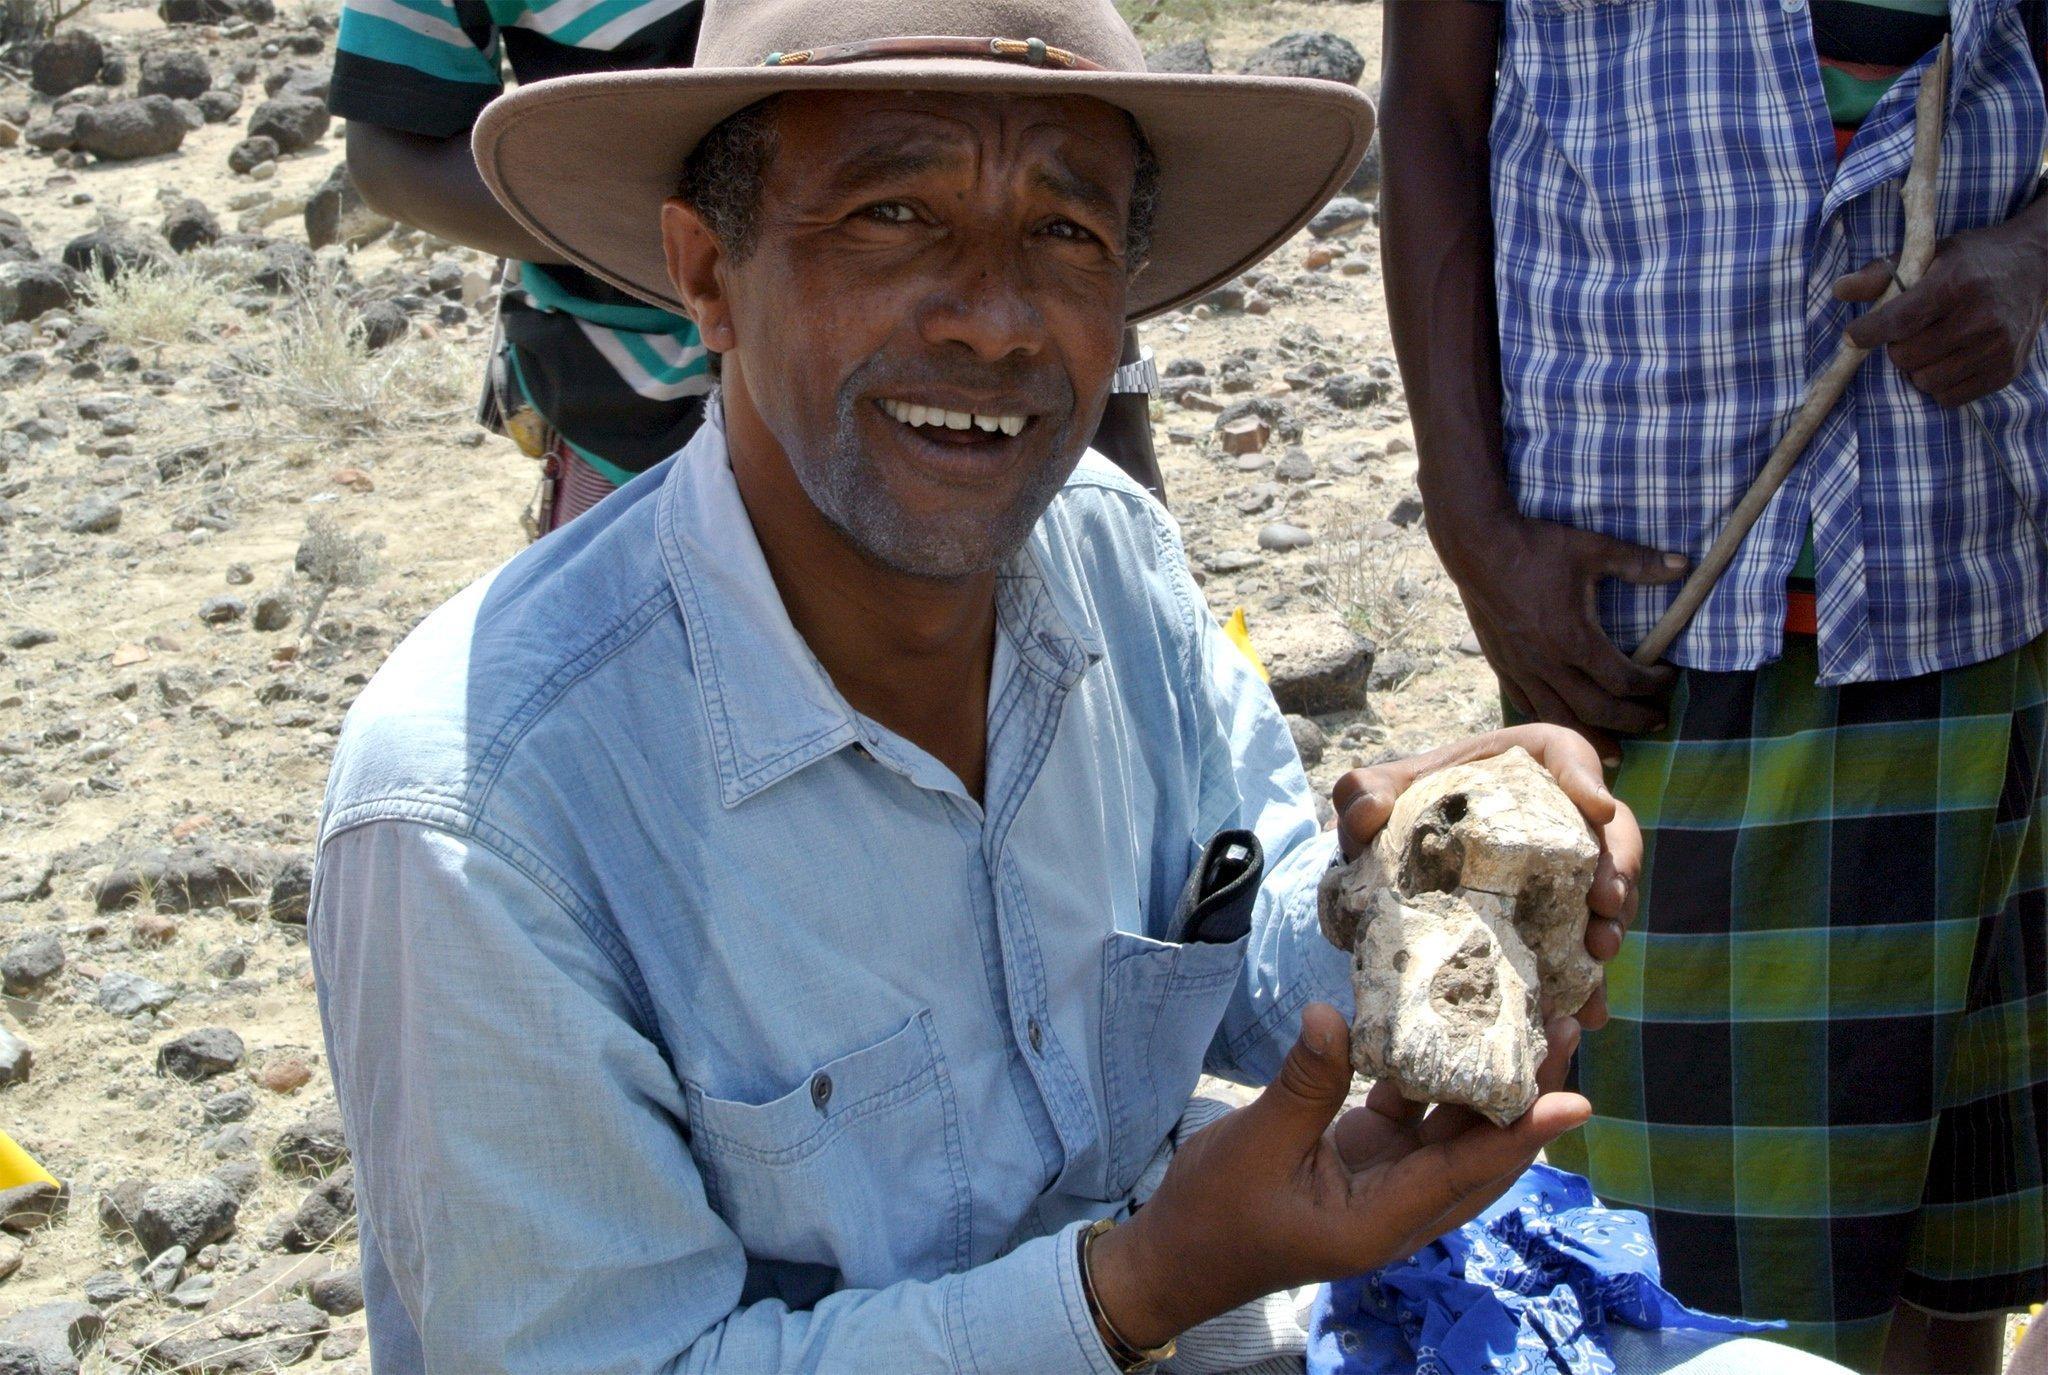 Zu sehen ist der Paläoanthropologe Yohannes Haile-Selassie, der den neu entdeckten Schädel an der Grabungsstelle Miro Dora in den Händen hält. Wie wichtig das Fossil für die menschliche Evolution ist, wird Haile-Selassie schon bald darauf klar.